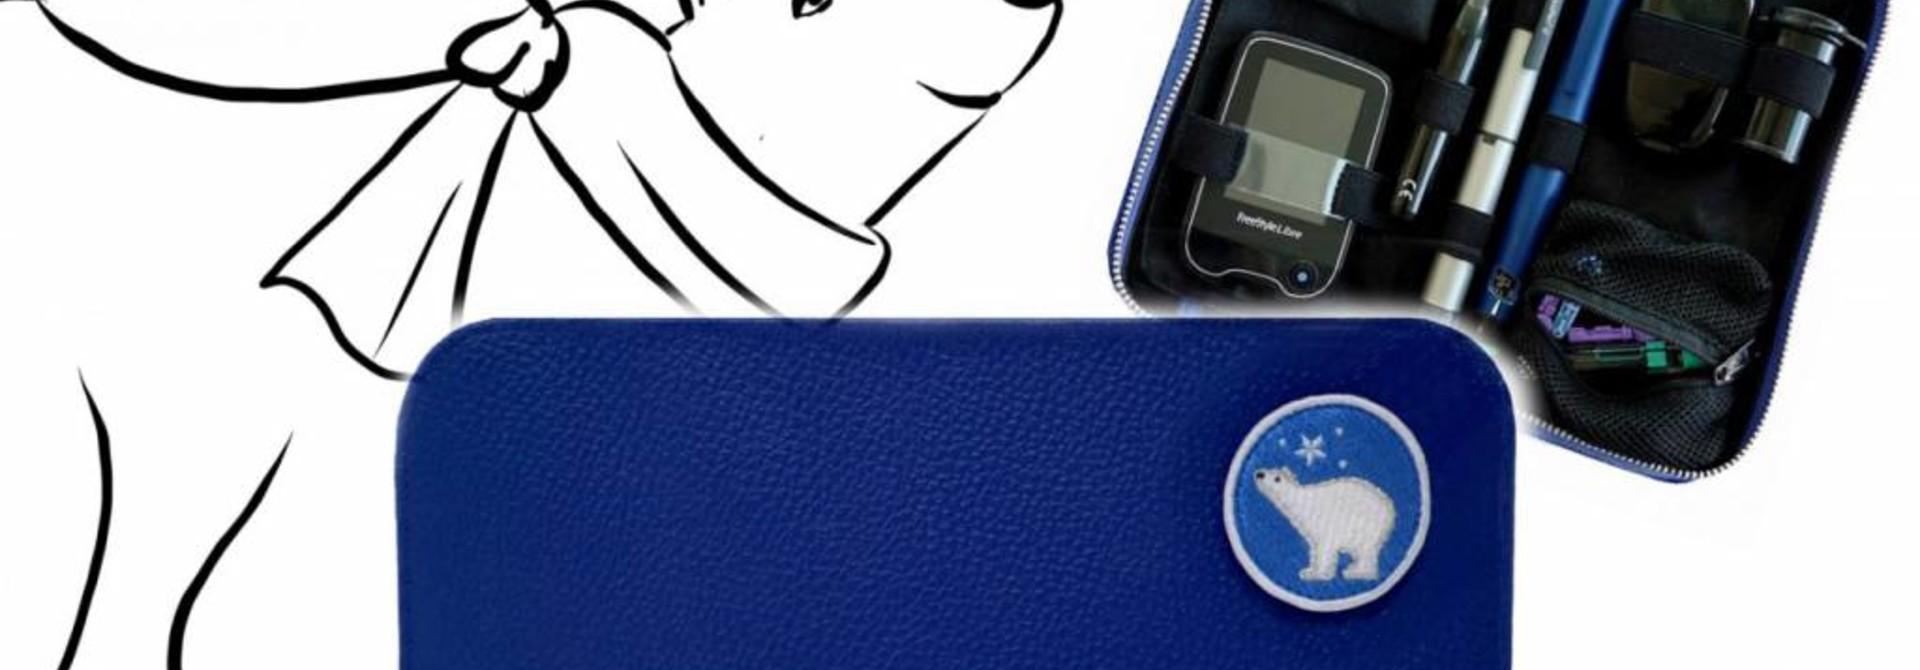 KIDS Case  - Icebear (inkl. Patch  & Gurt)